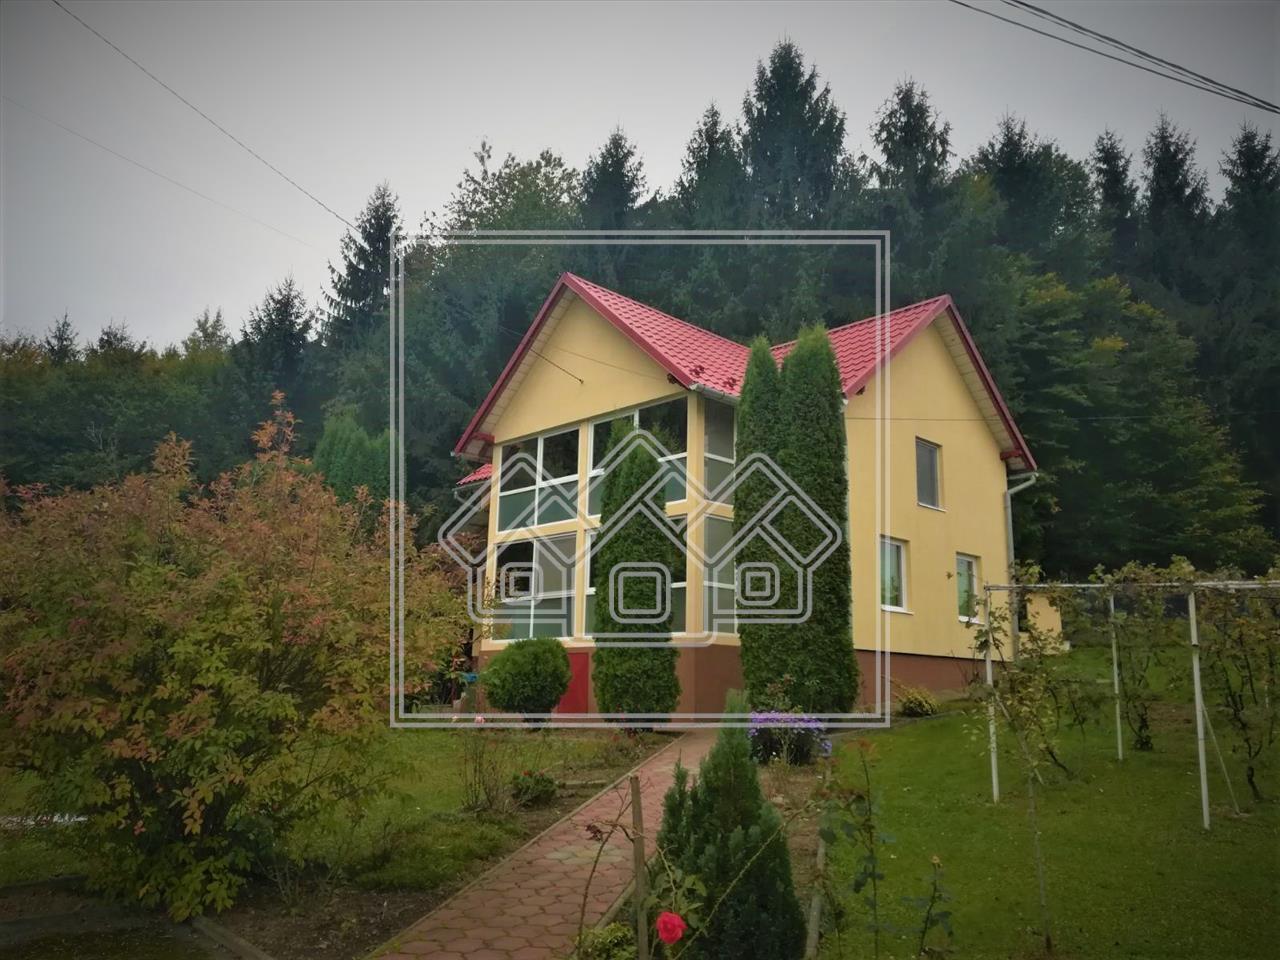 Casa de vanzare in Sibiu, zona Tocile - 2000 mp teren